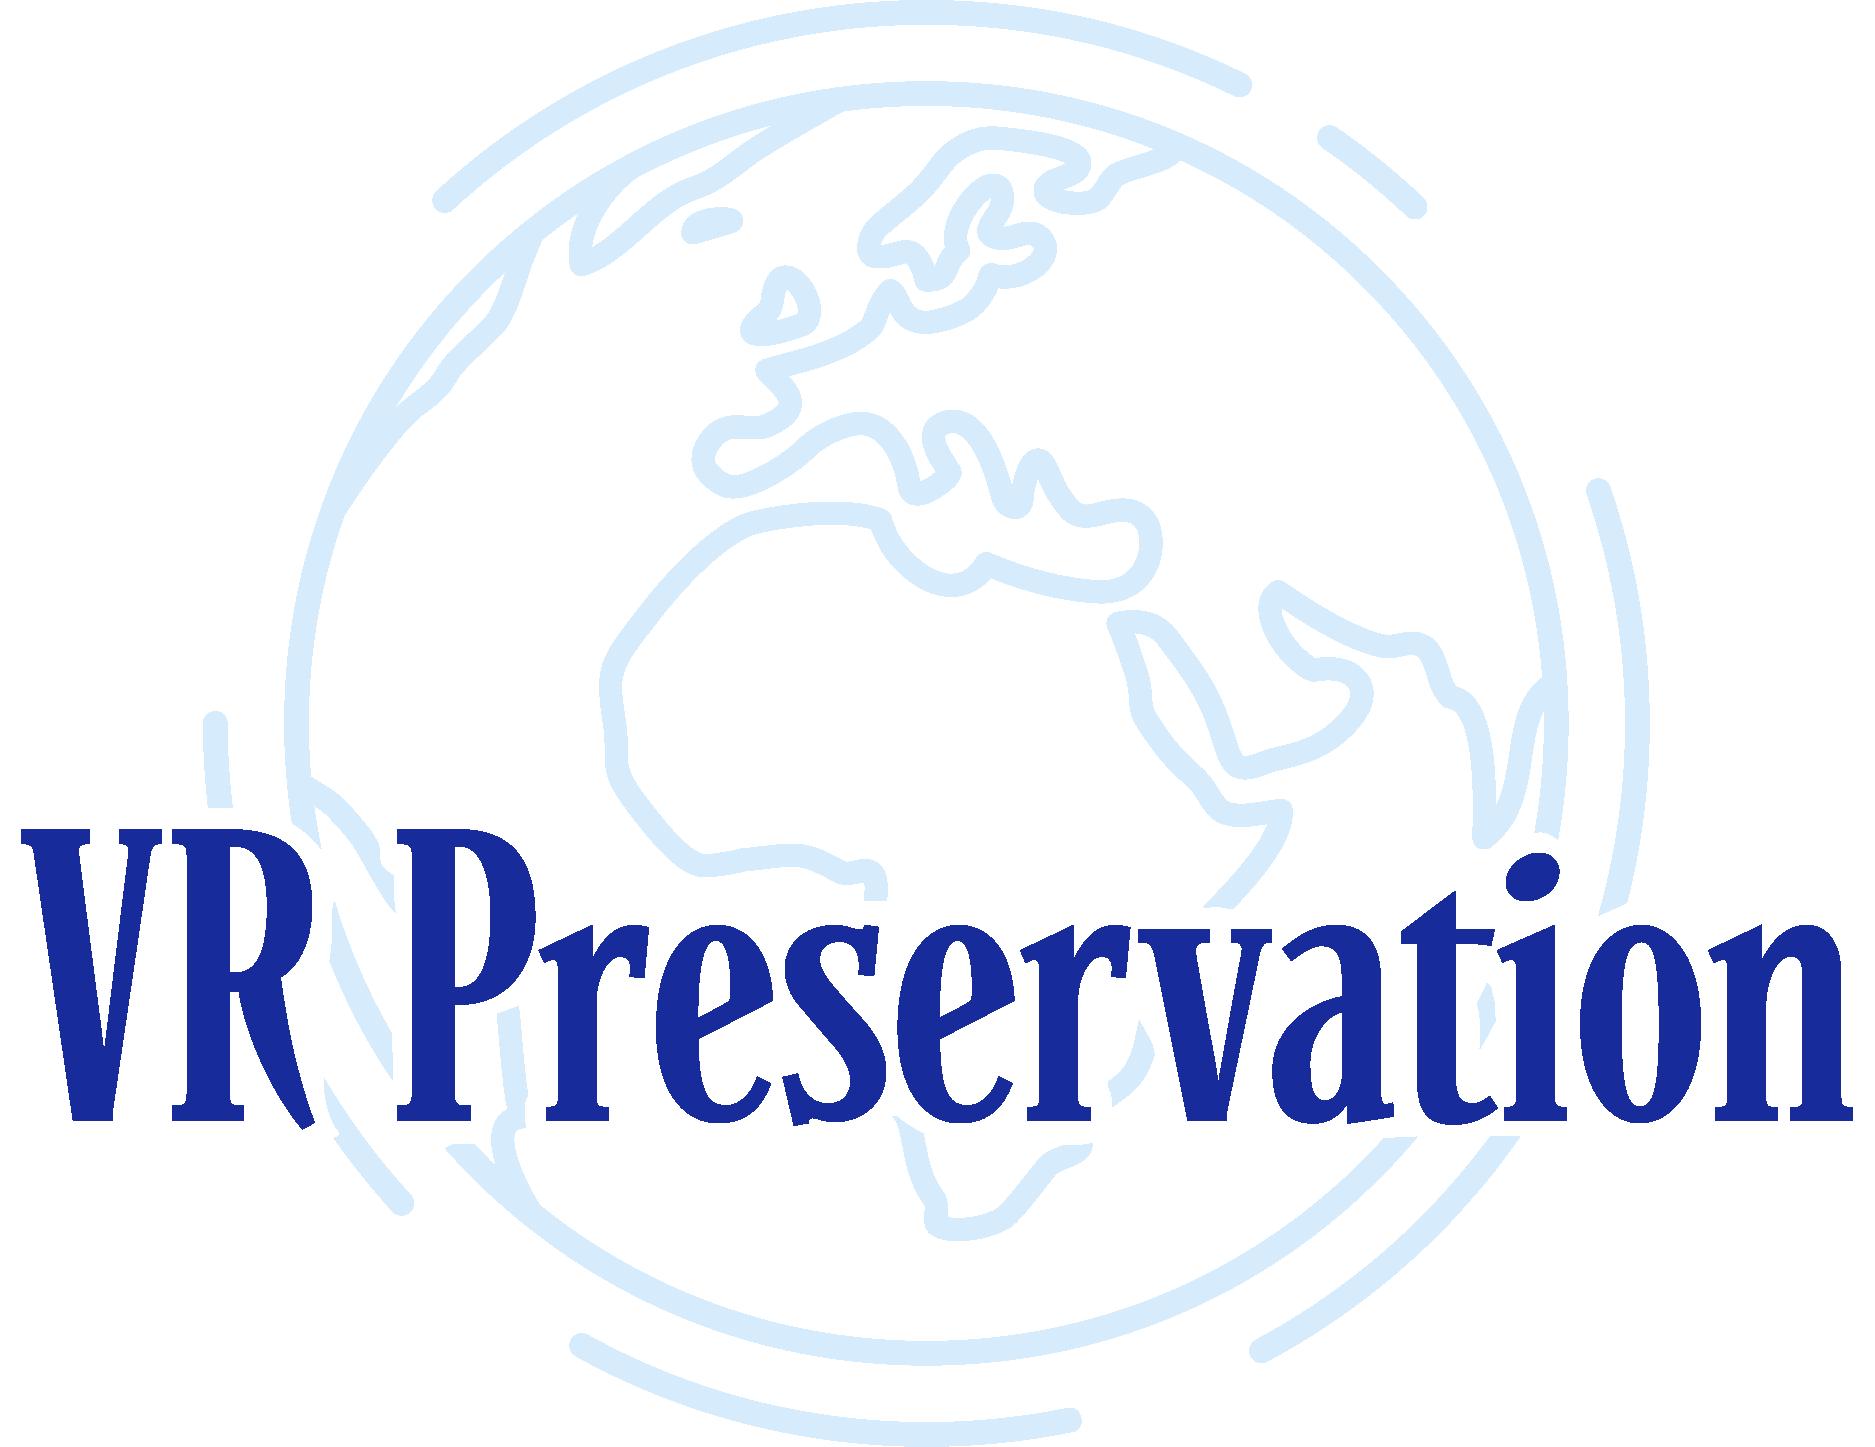 VR PRESERVATION